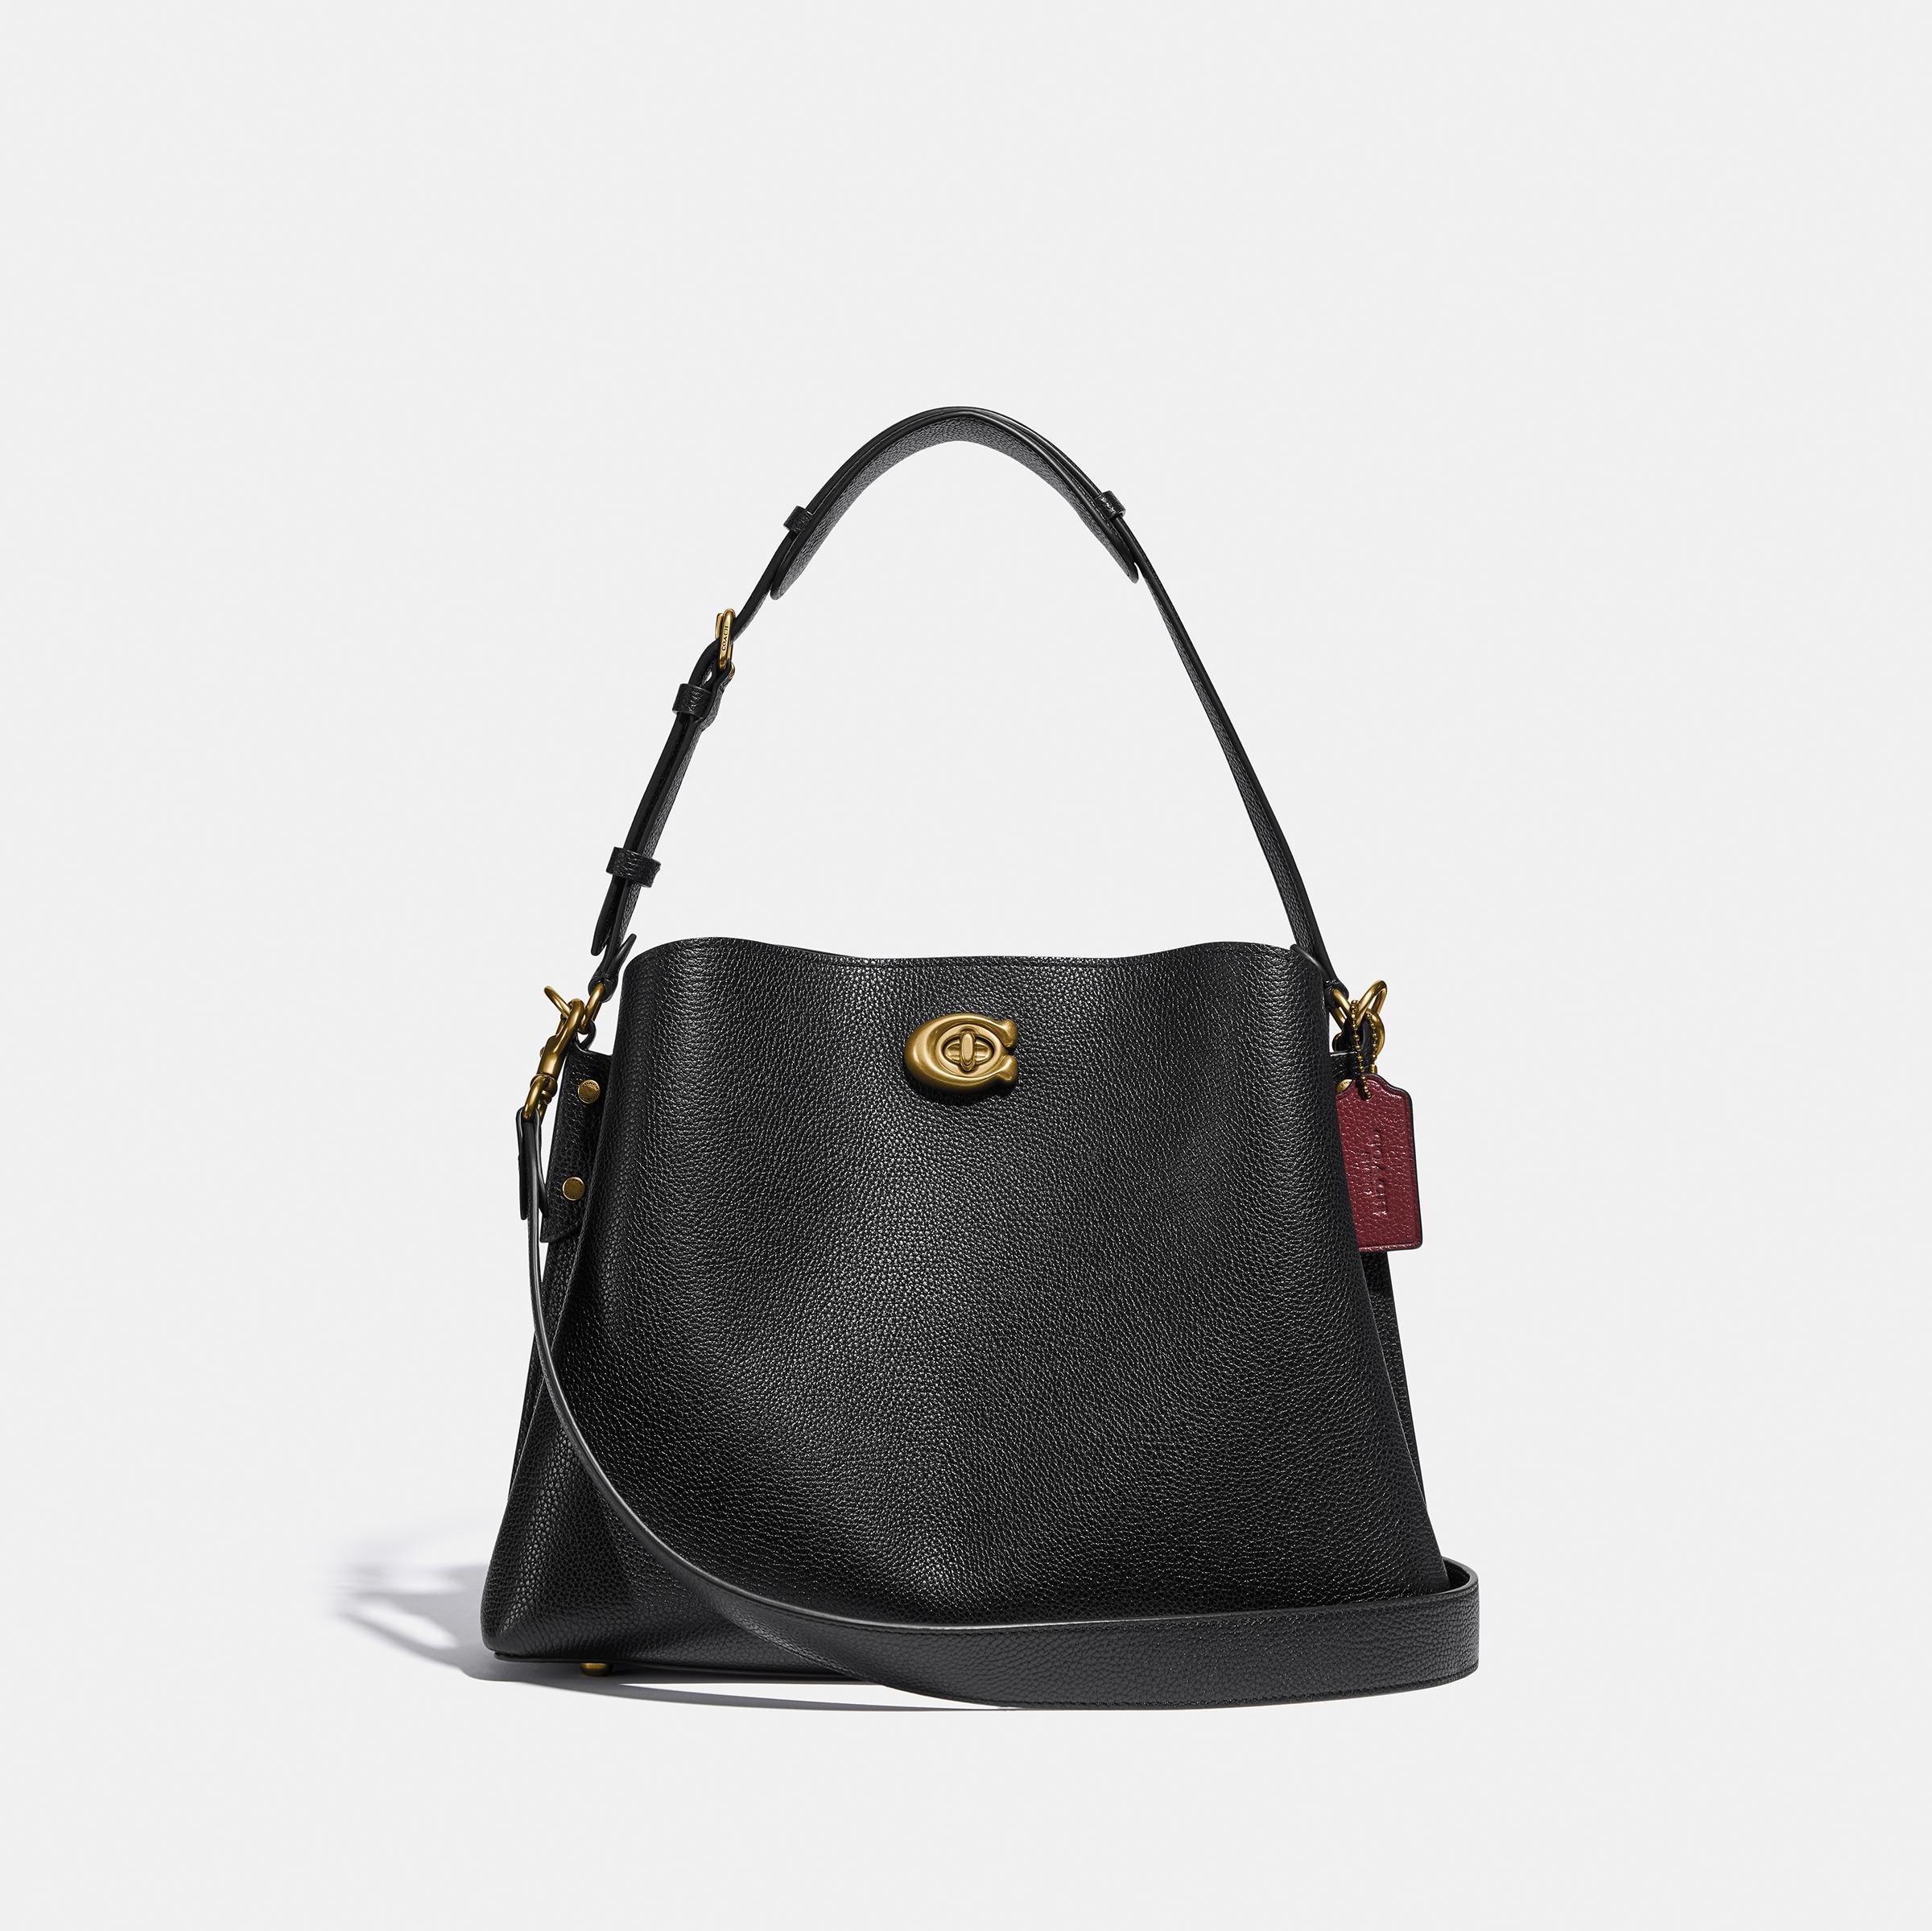 WILLOW SHOULDER BAG BLACK